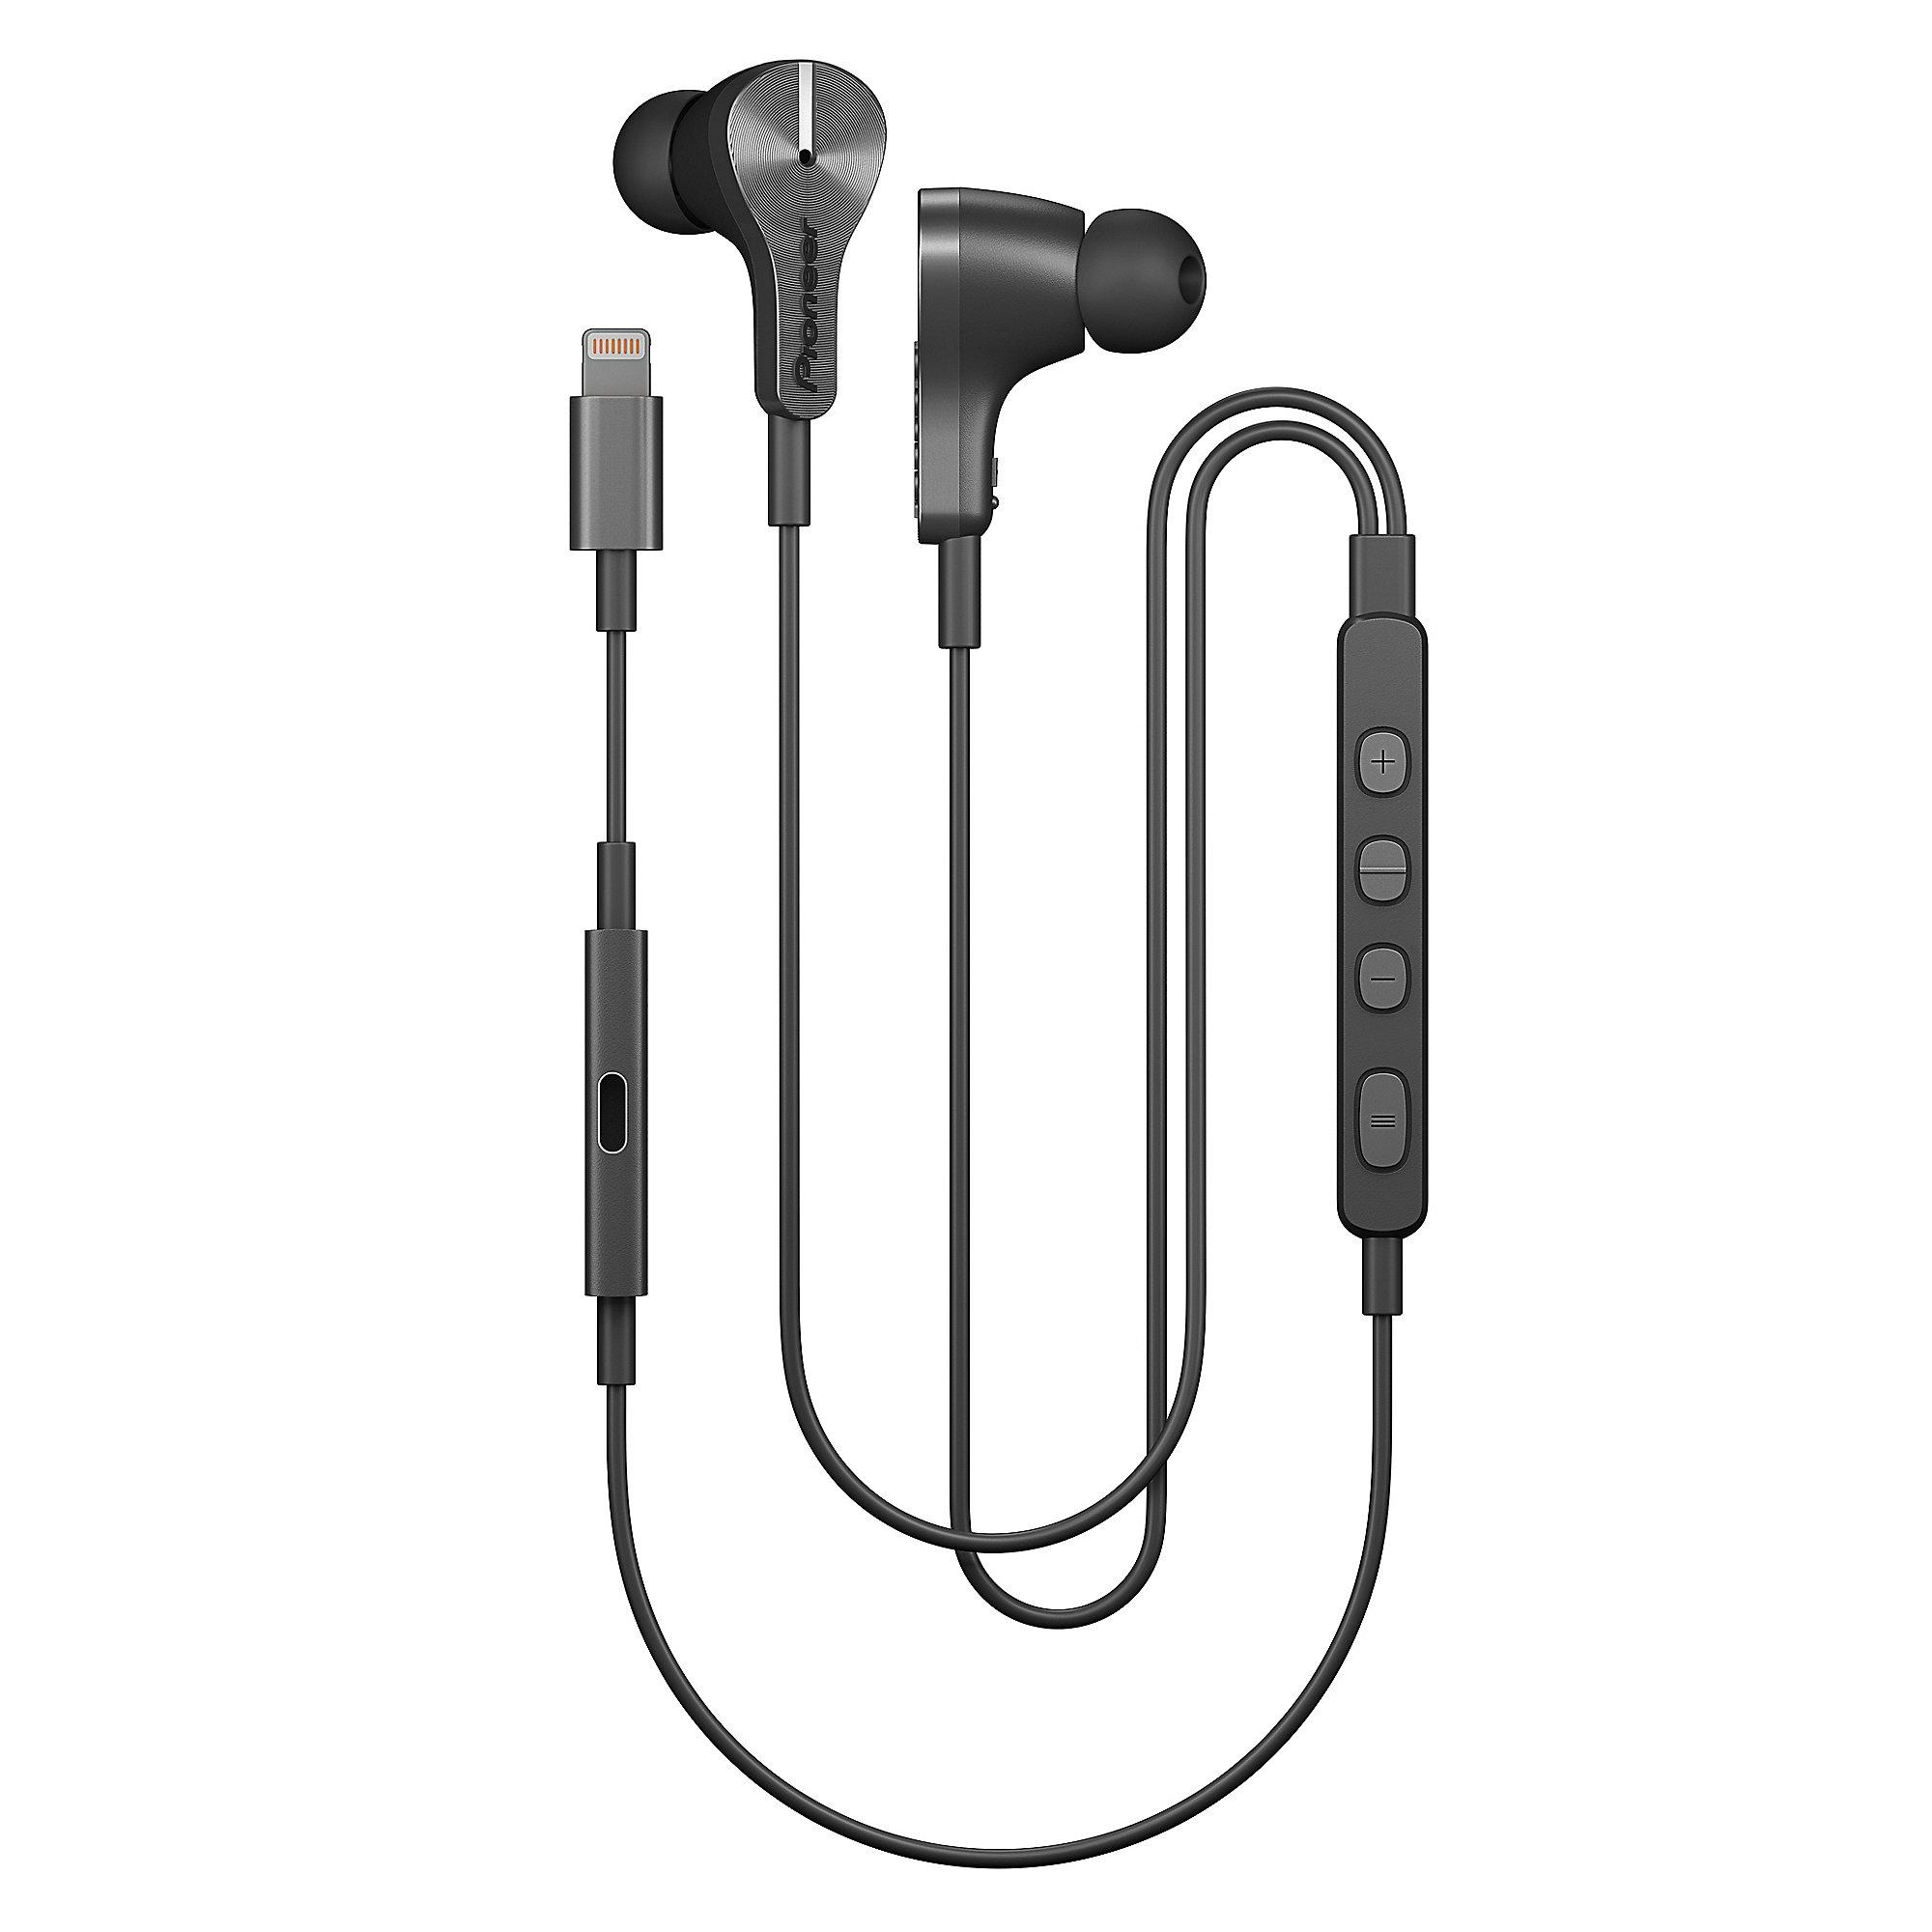 [cyberport] Pioneer SE-LTC5R-S - Kopfhörer mit Lightninganschluss für iOS-Geräte (Freisprech- und gleichzeitige Ladefunktion, Noise Cancelling, Auto Pause, Smart Button) in graphite